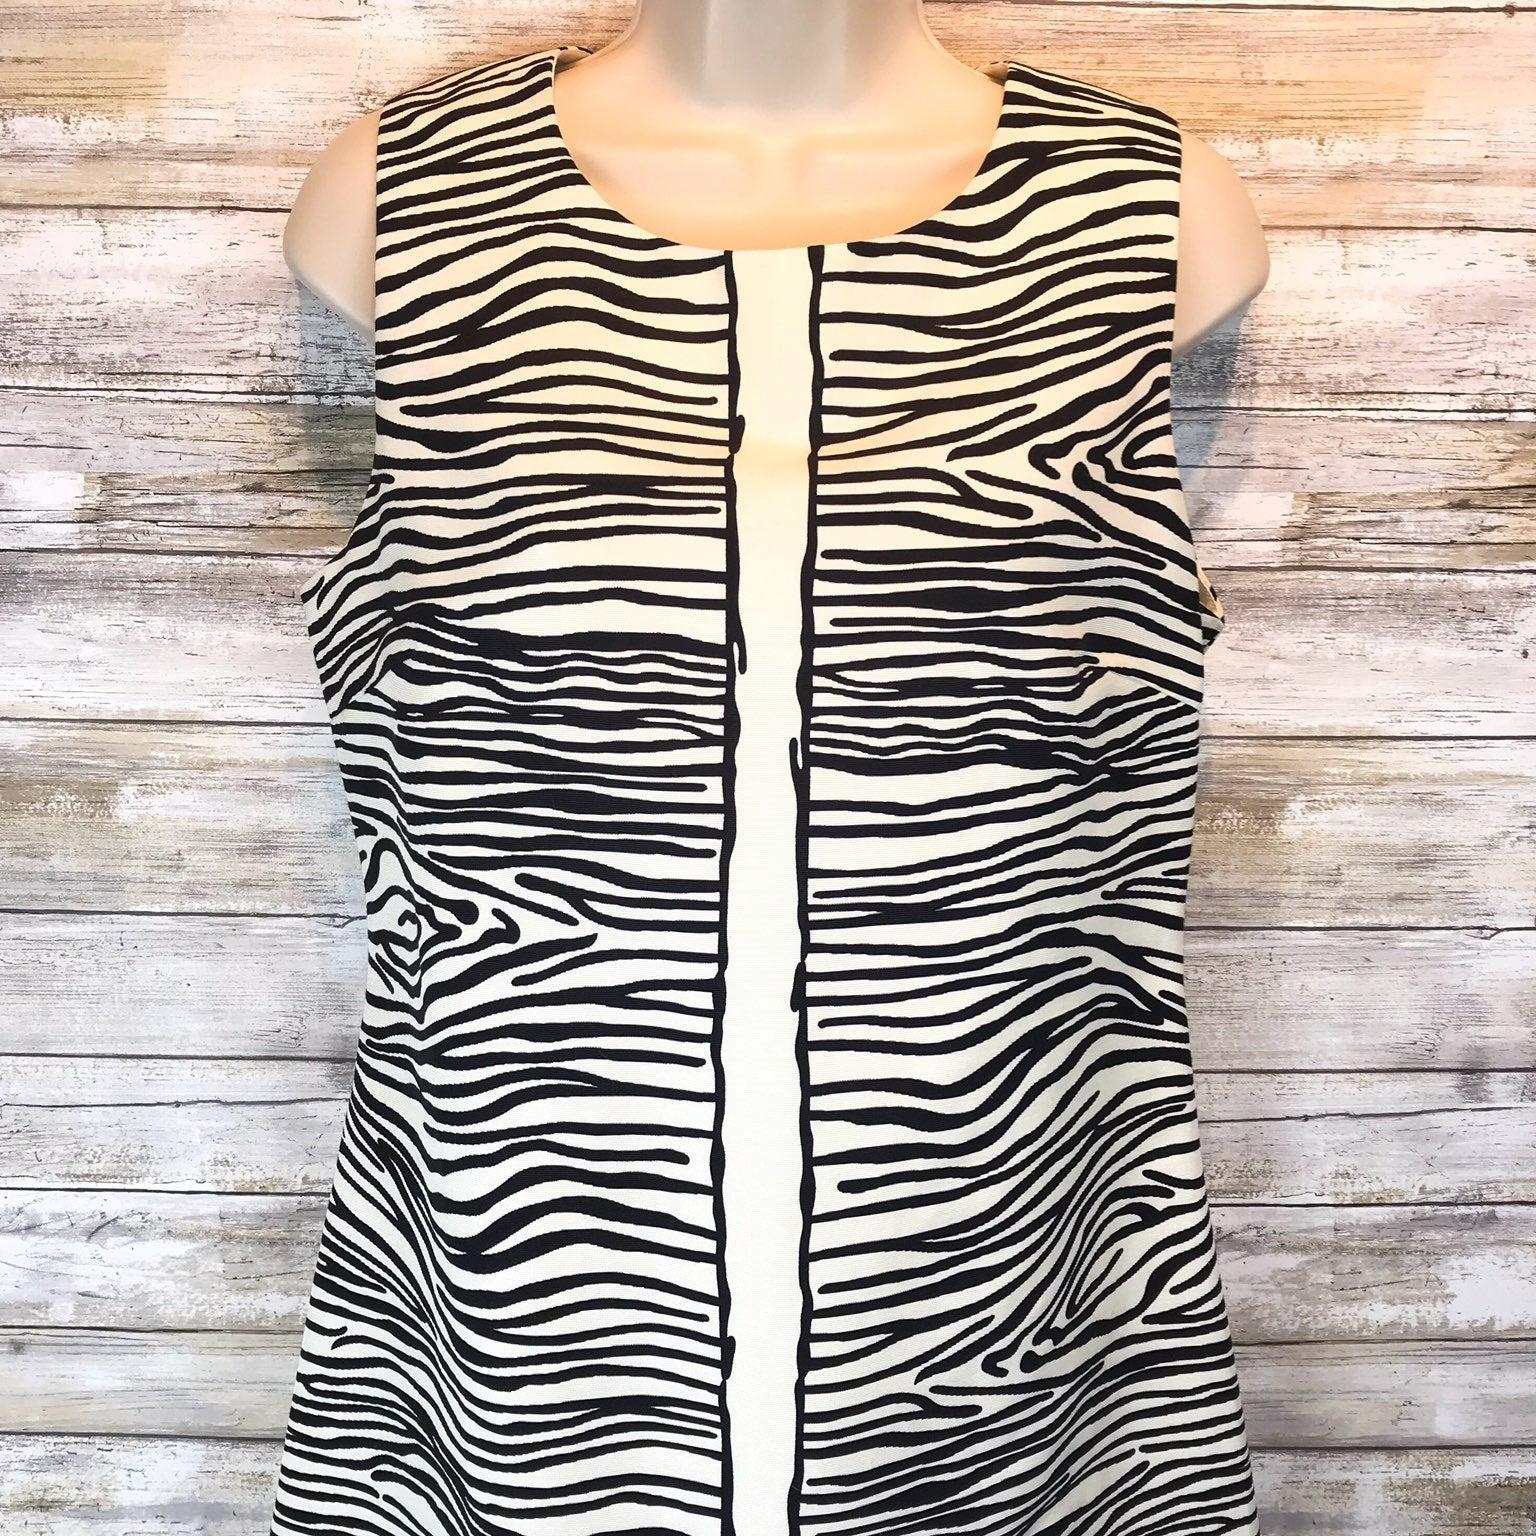 Julie Brown Zebra Print Dress Sz 6